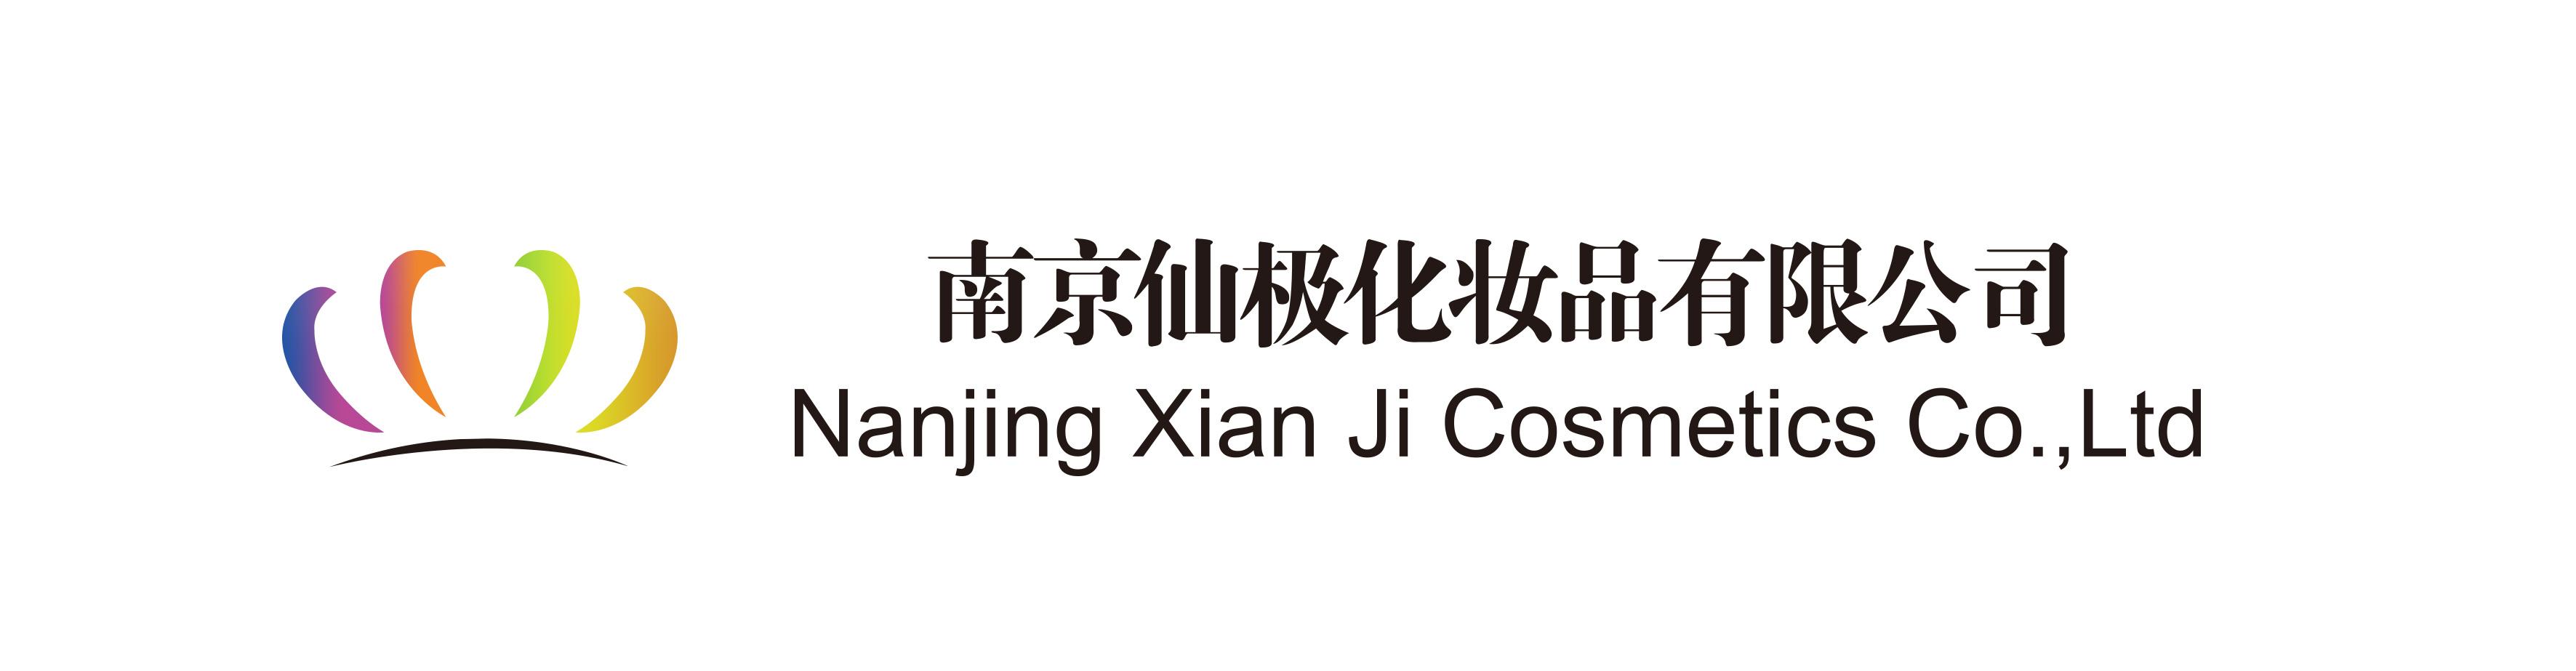 南京仙極化妝品有限公司LOGO